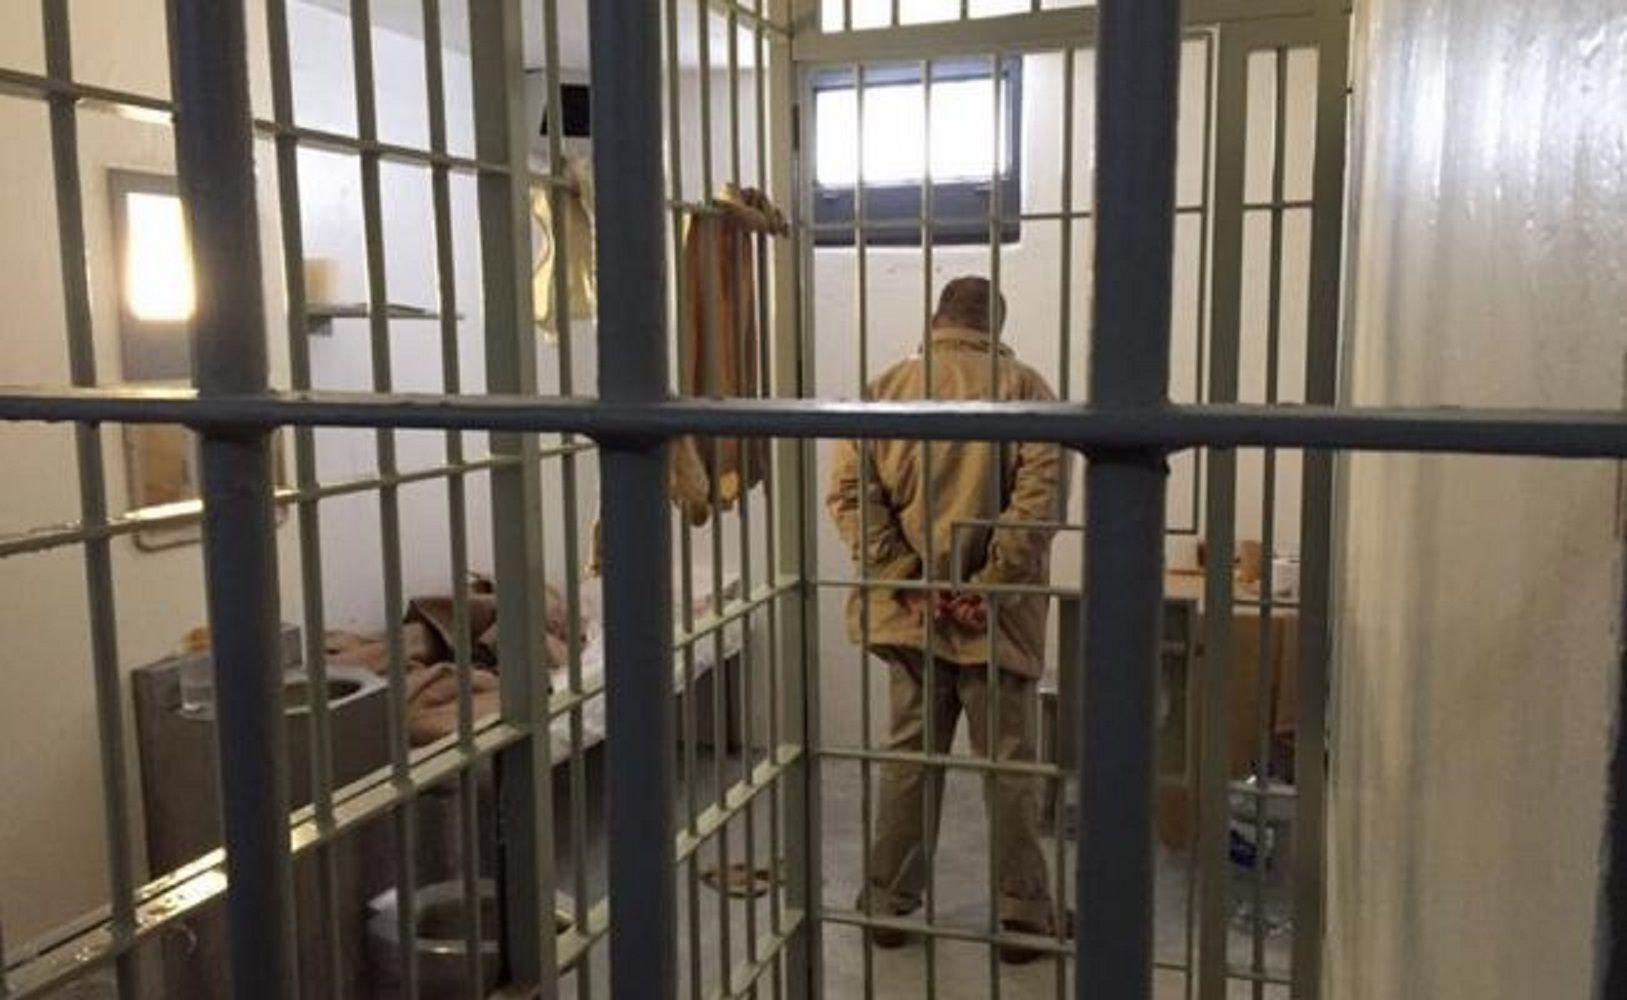 El Chapo Guzmán denuncia que sufre de agresiones psicológicas en la cárcel